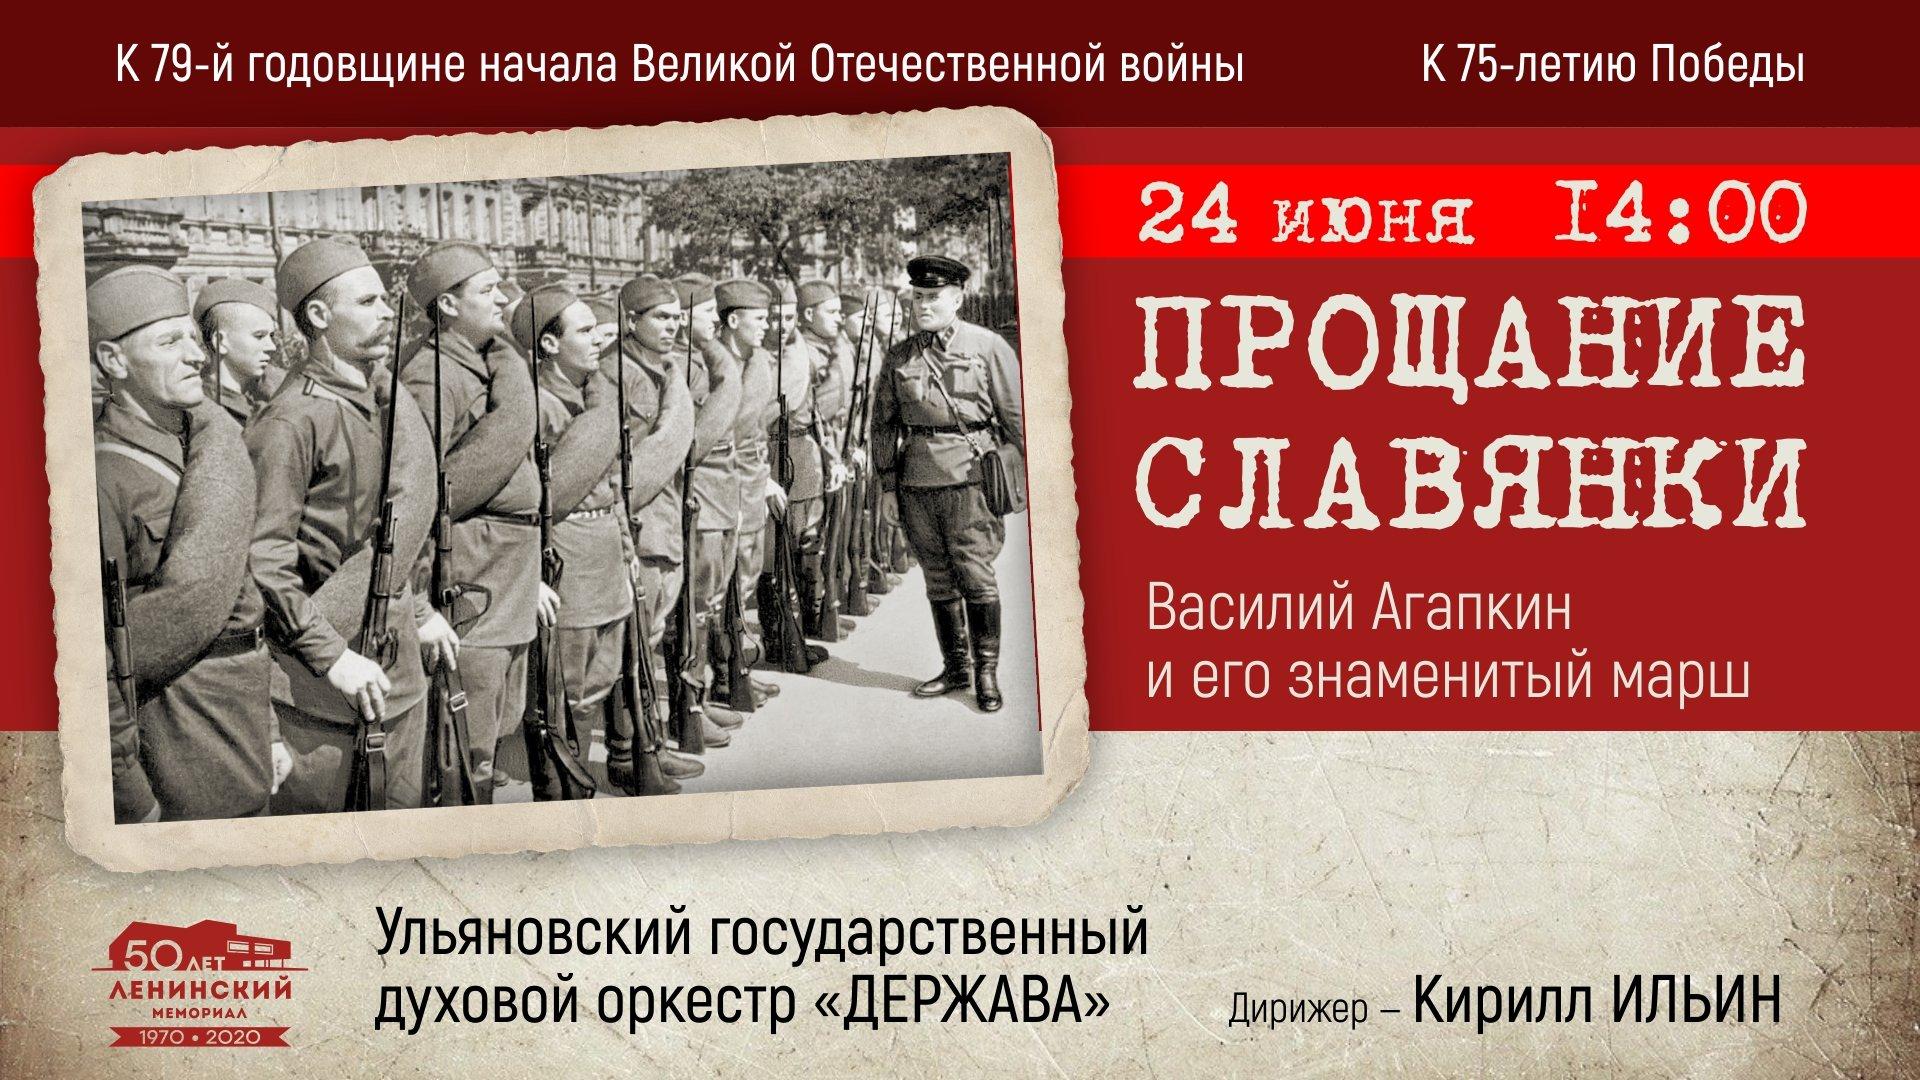 марш славянки автор